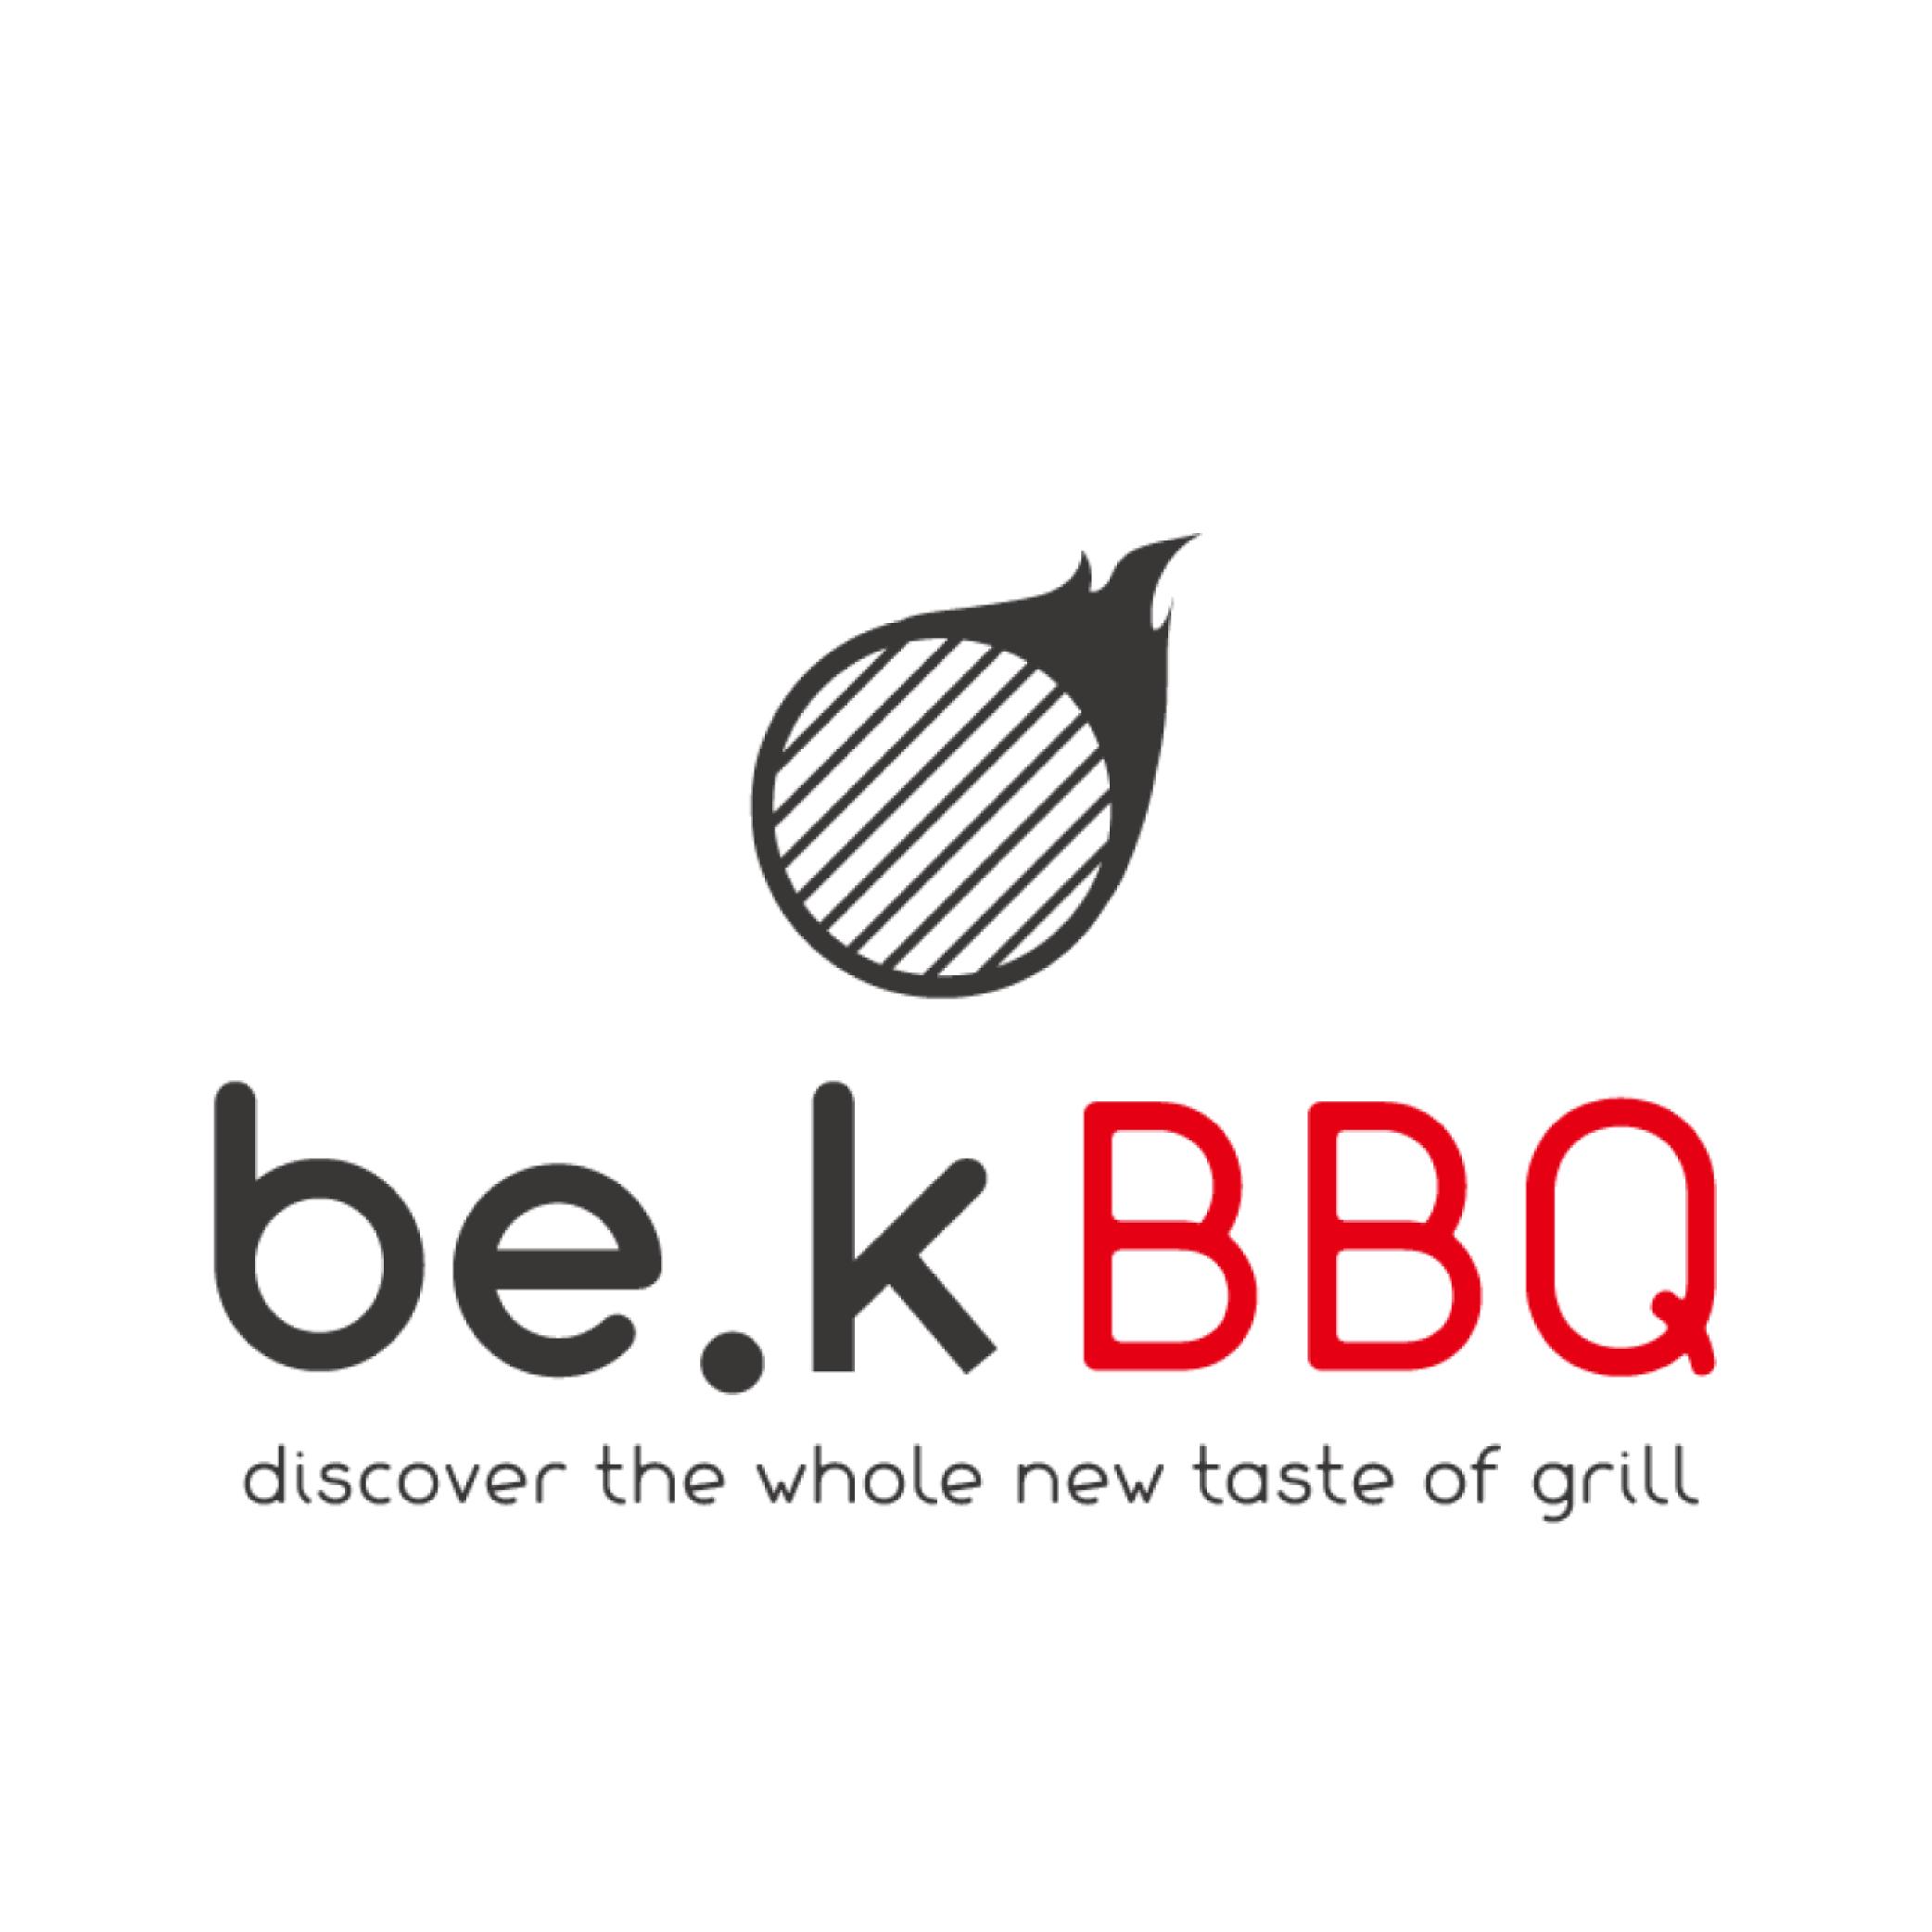 bek BBQ